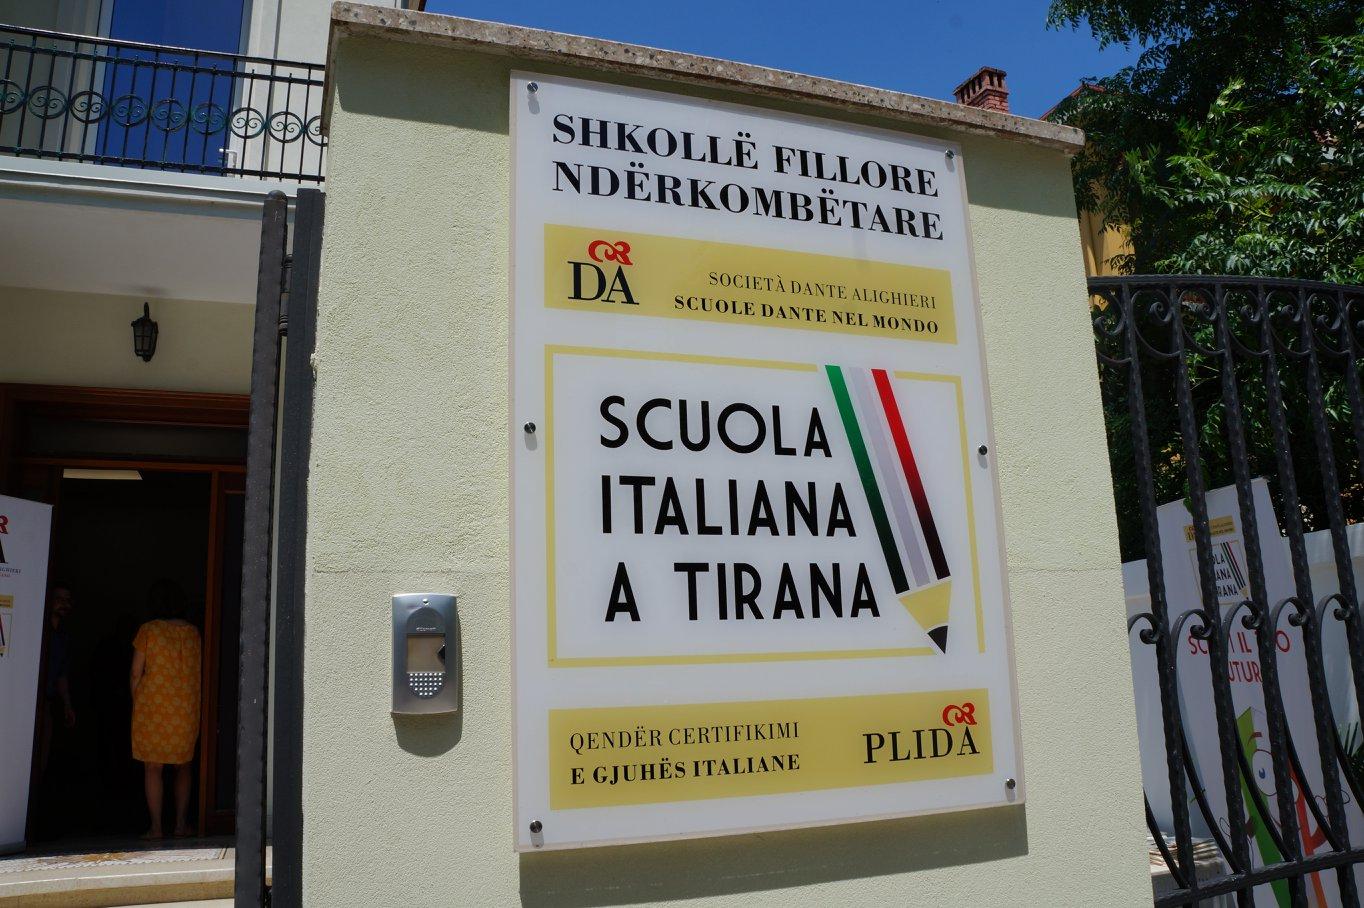 Società Dante Alighieri a Tirana